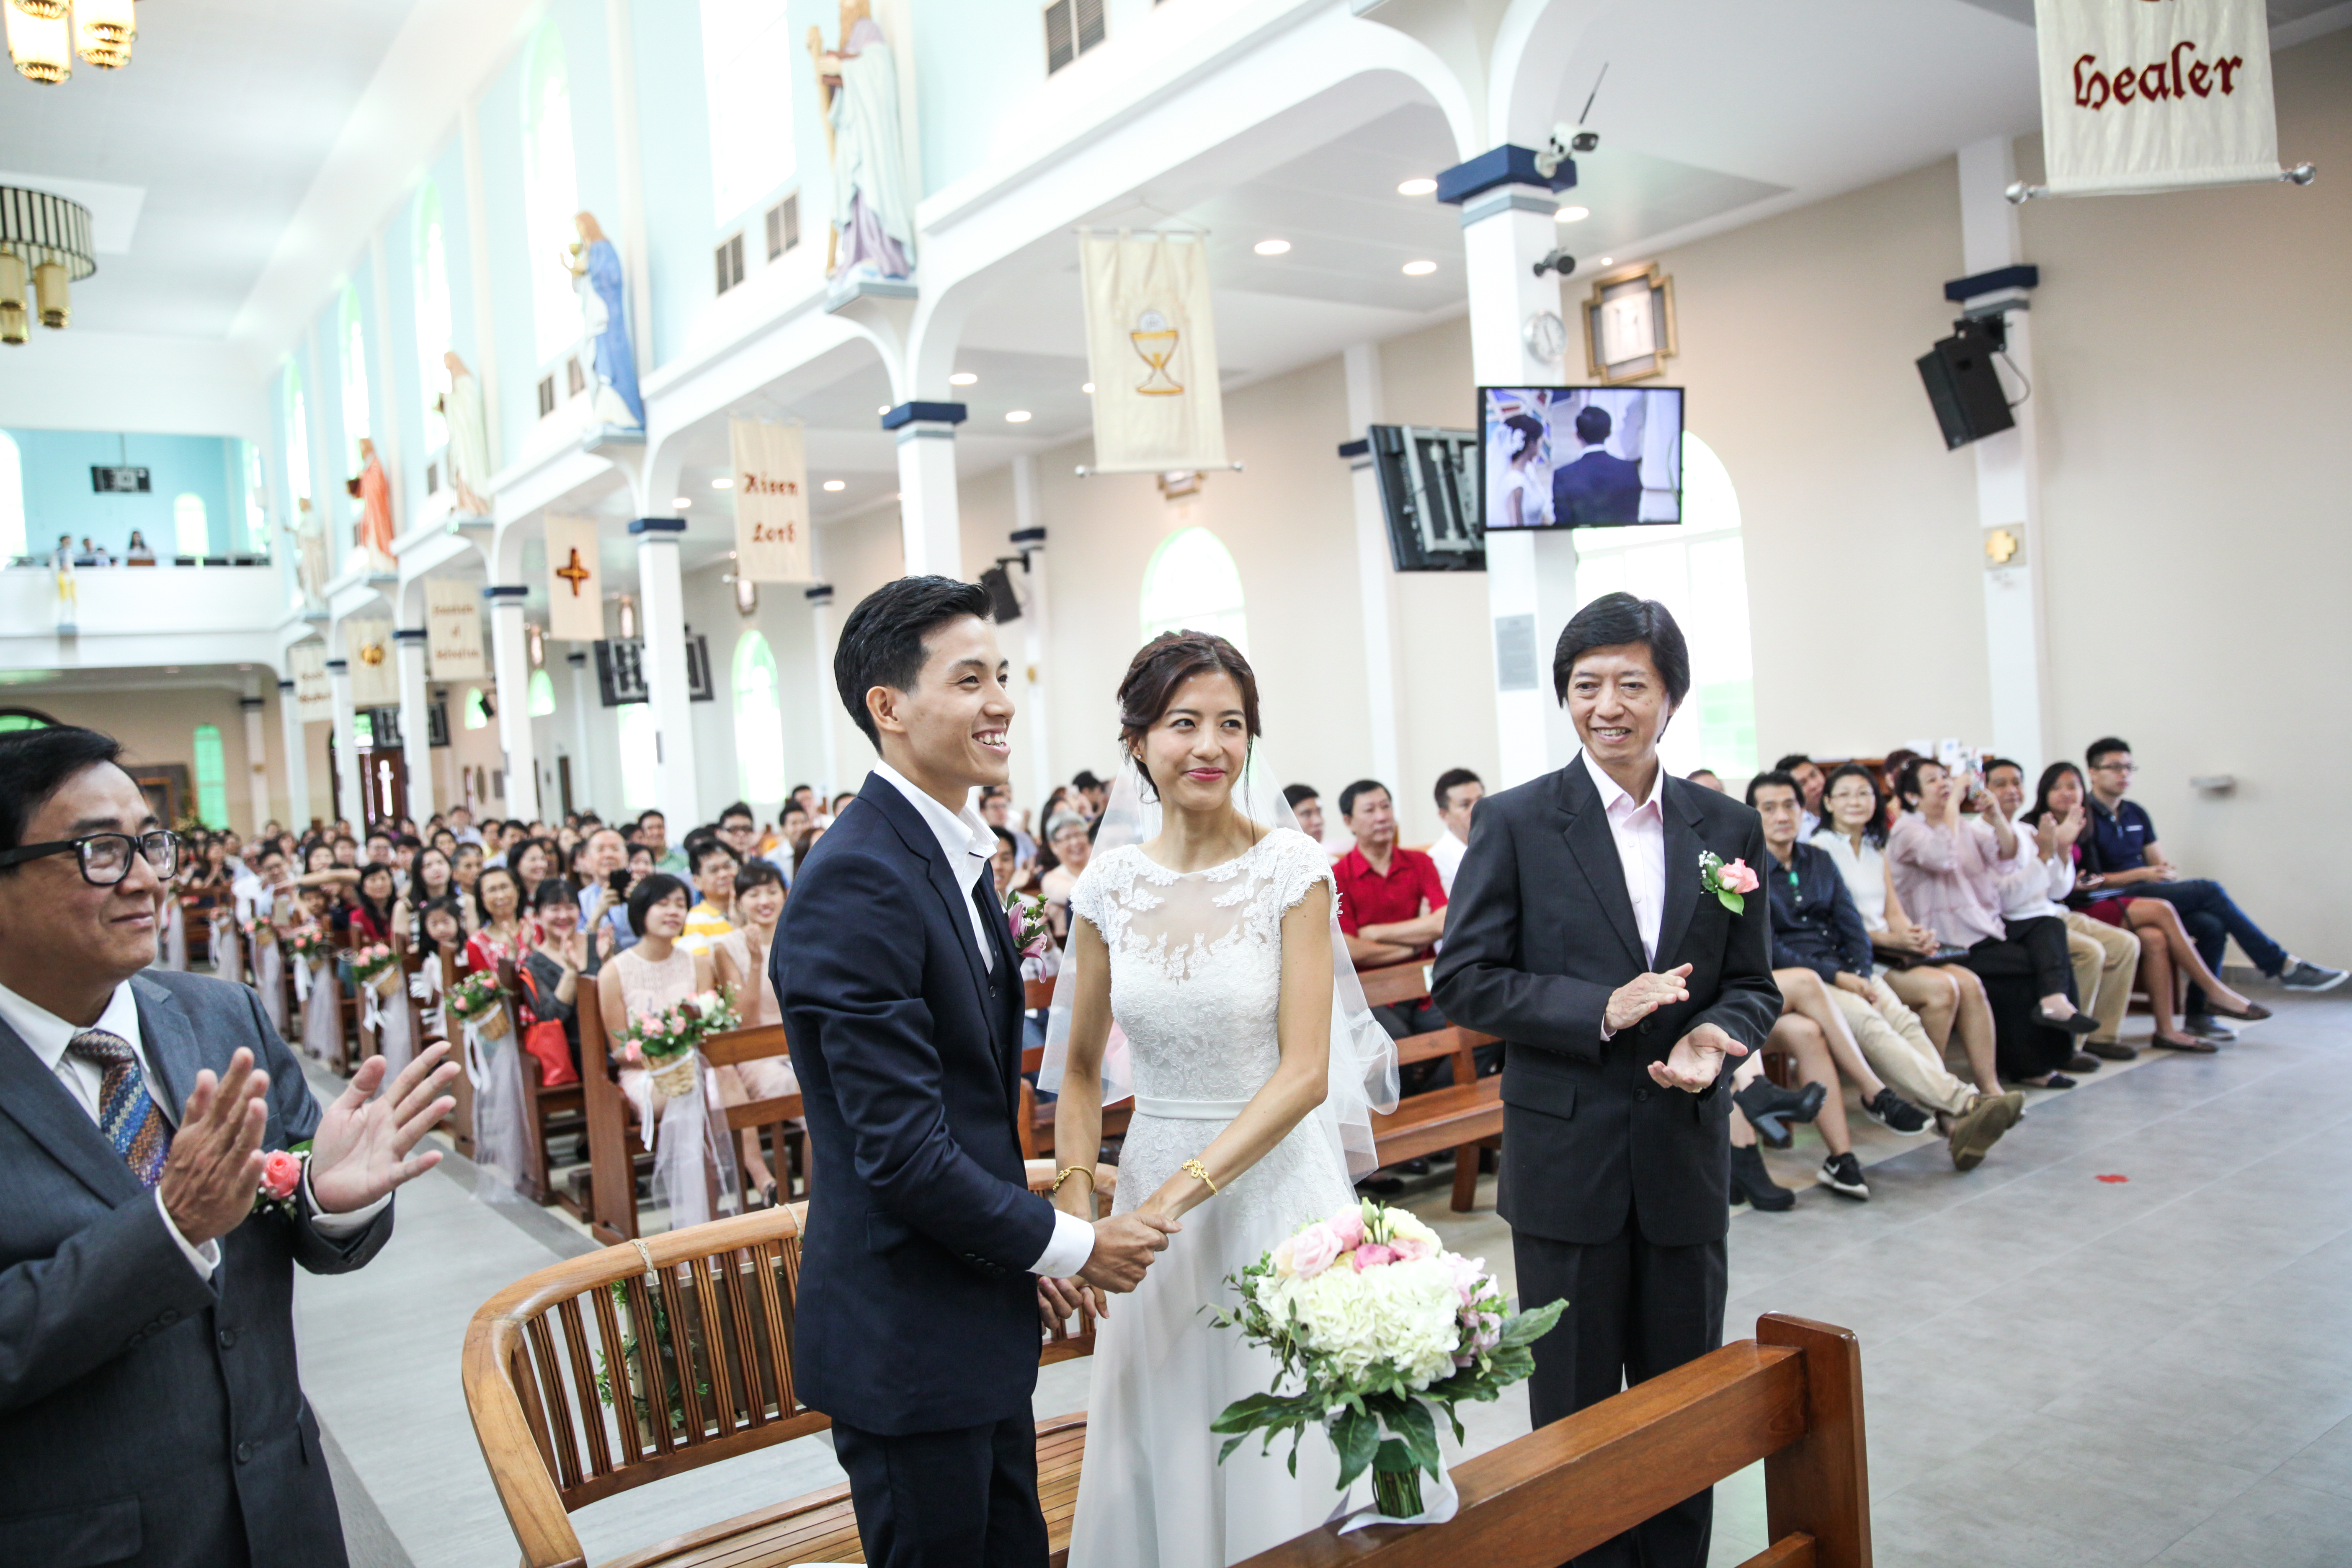 Wedding-Photography-Singapore-3